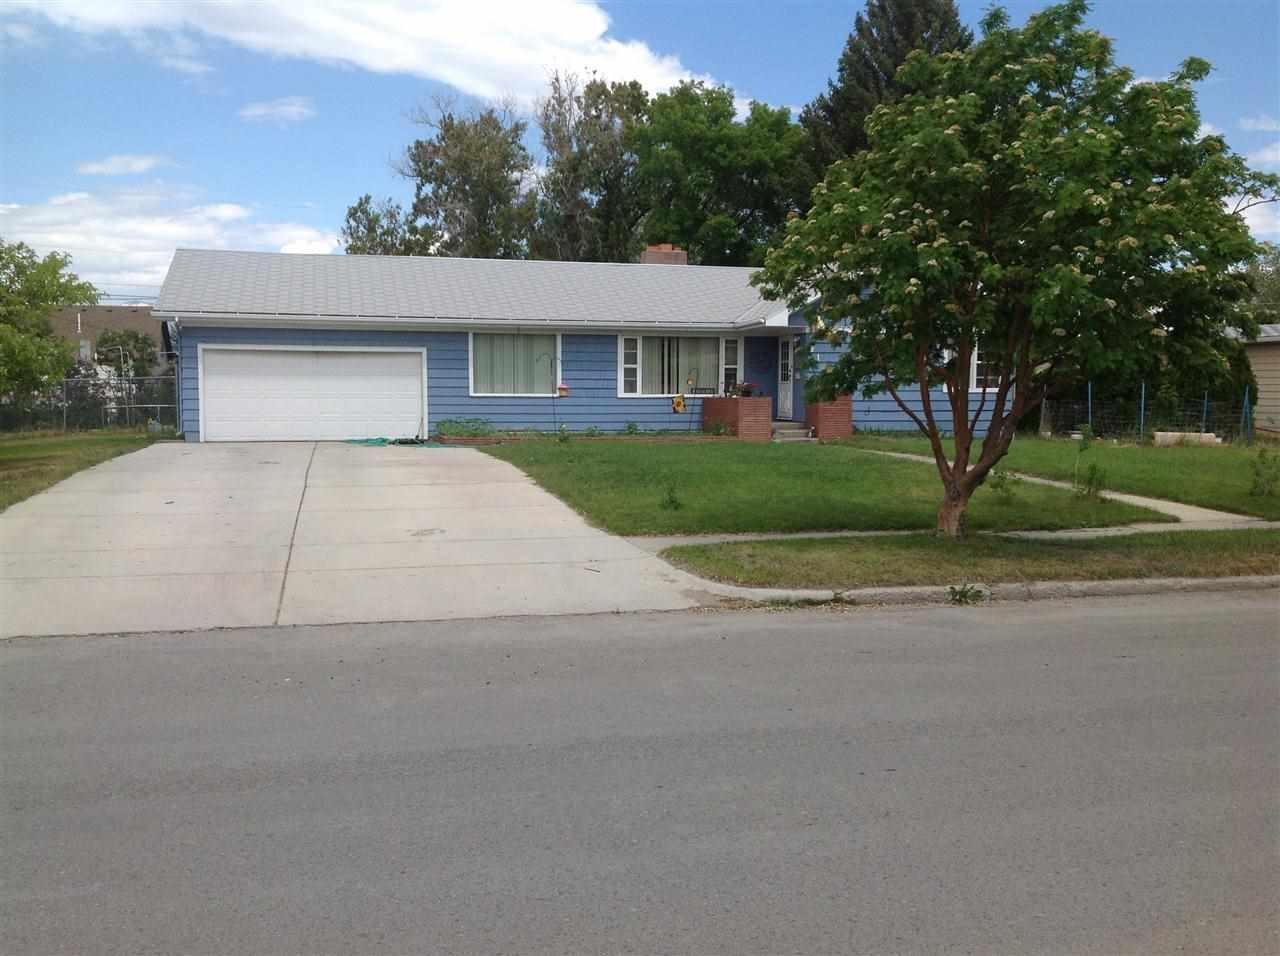 414 N Cedar St, Townsend, MT 59644